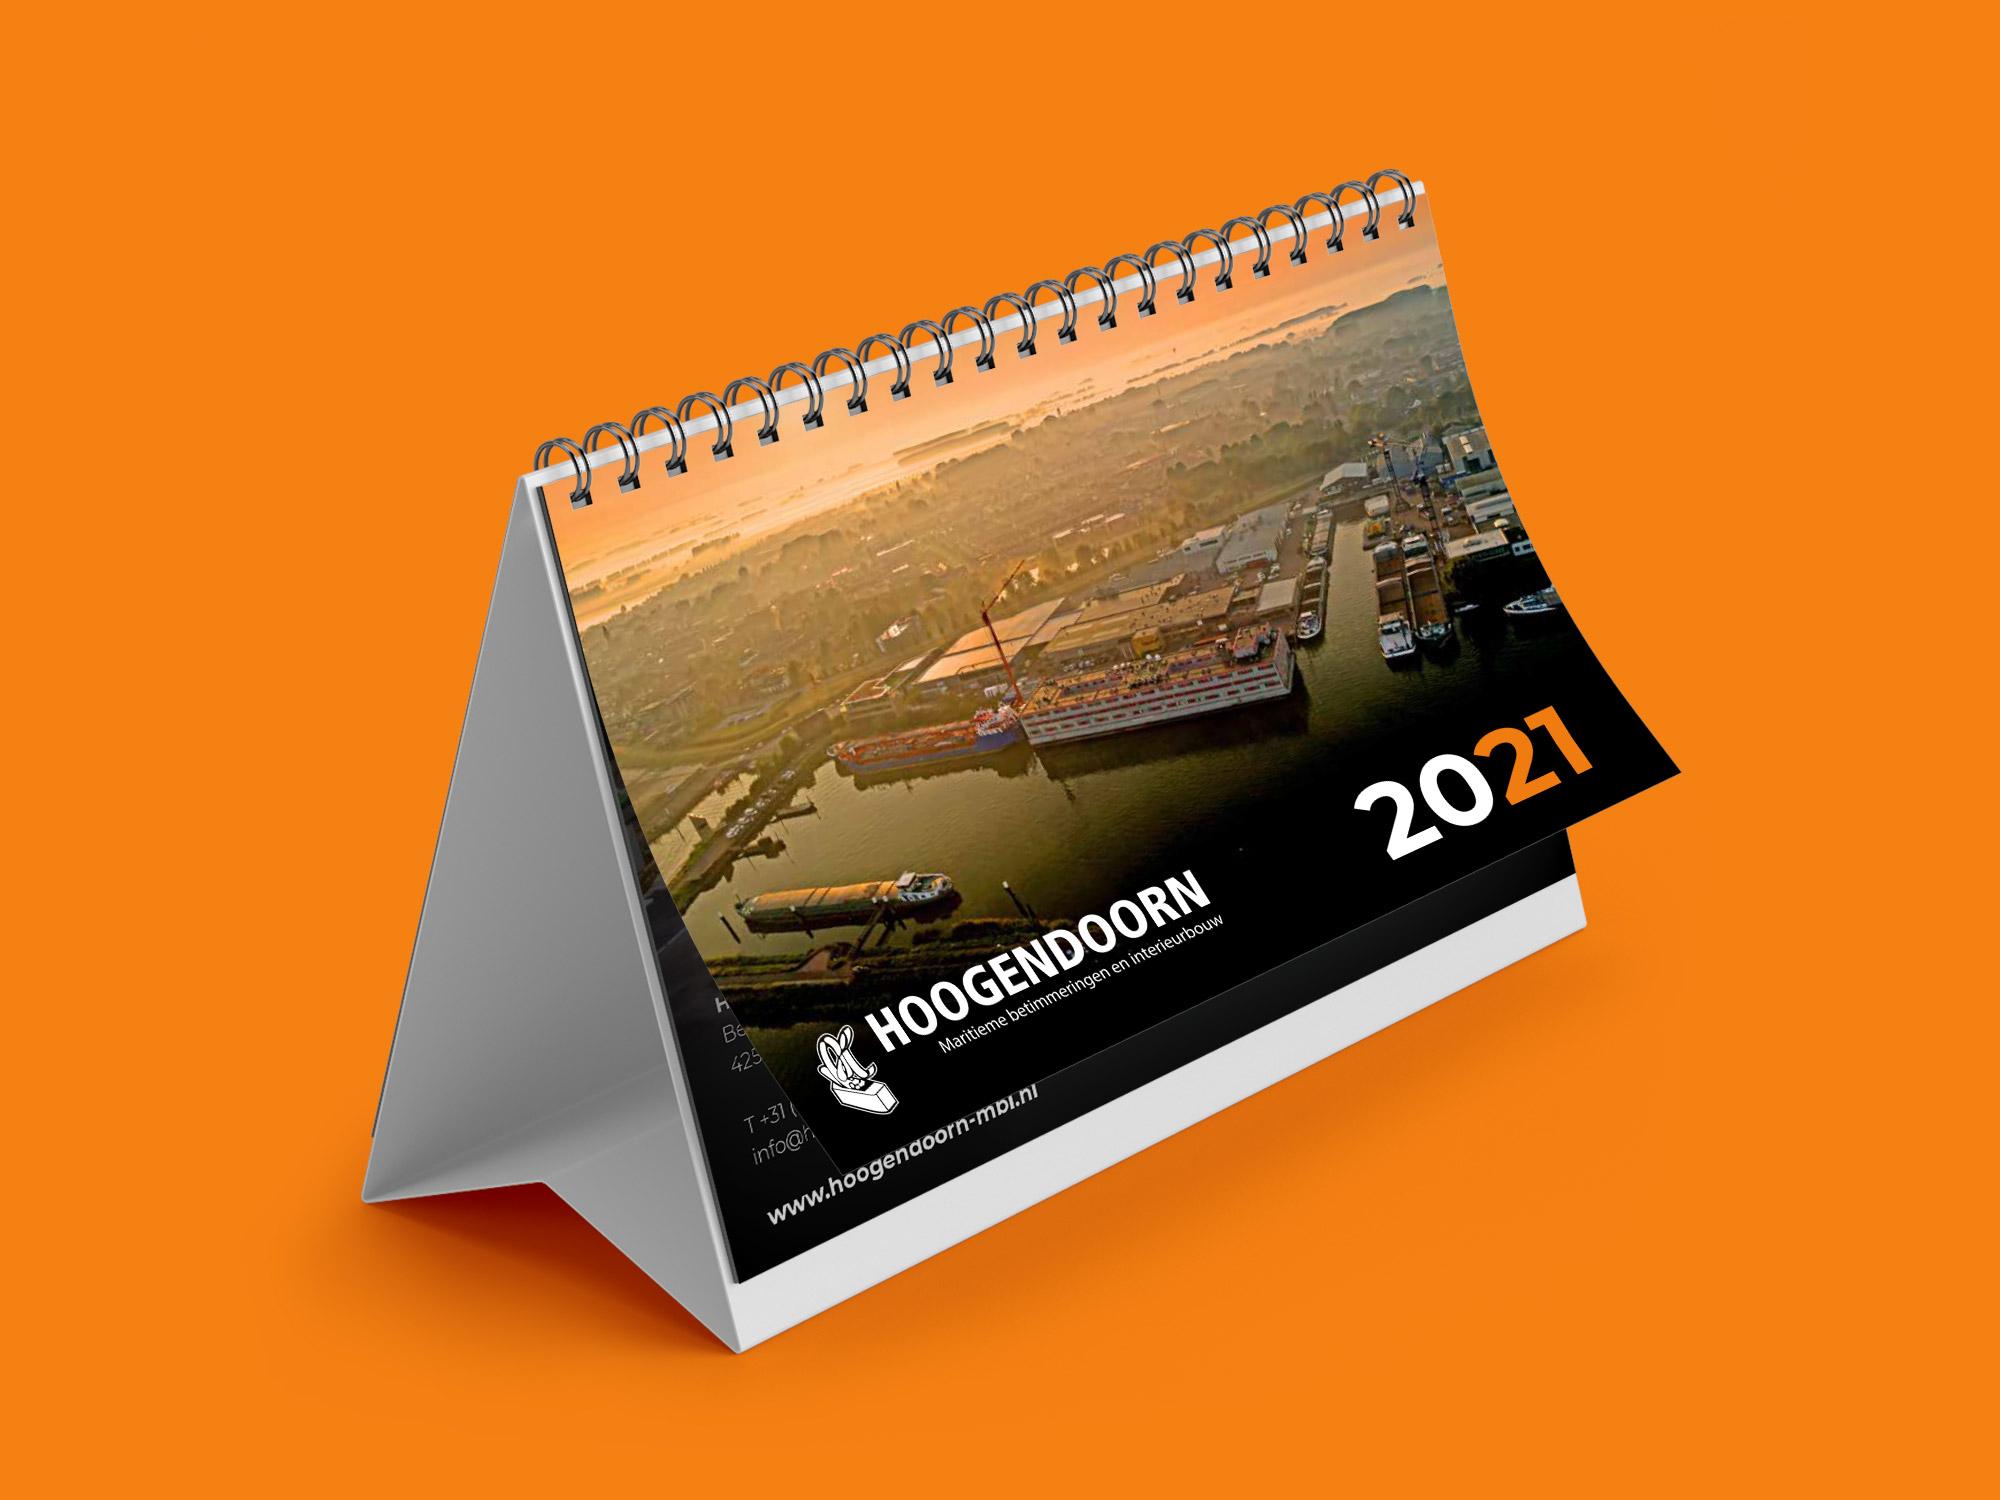 Hoogendoorn kalender